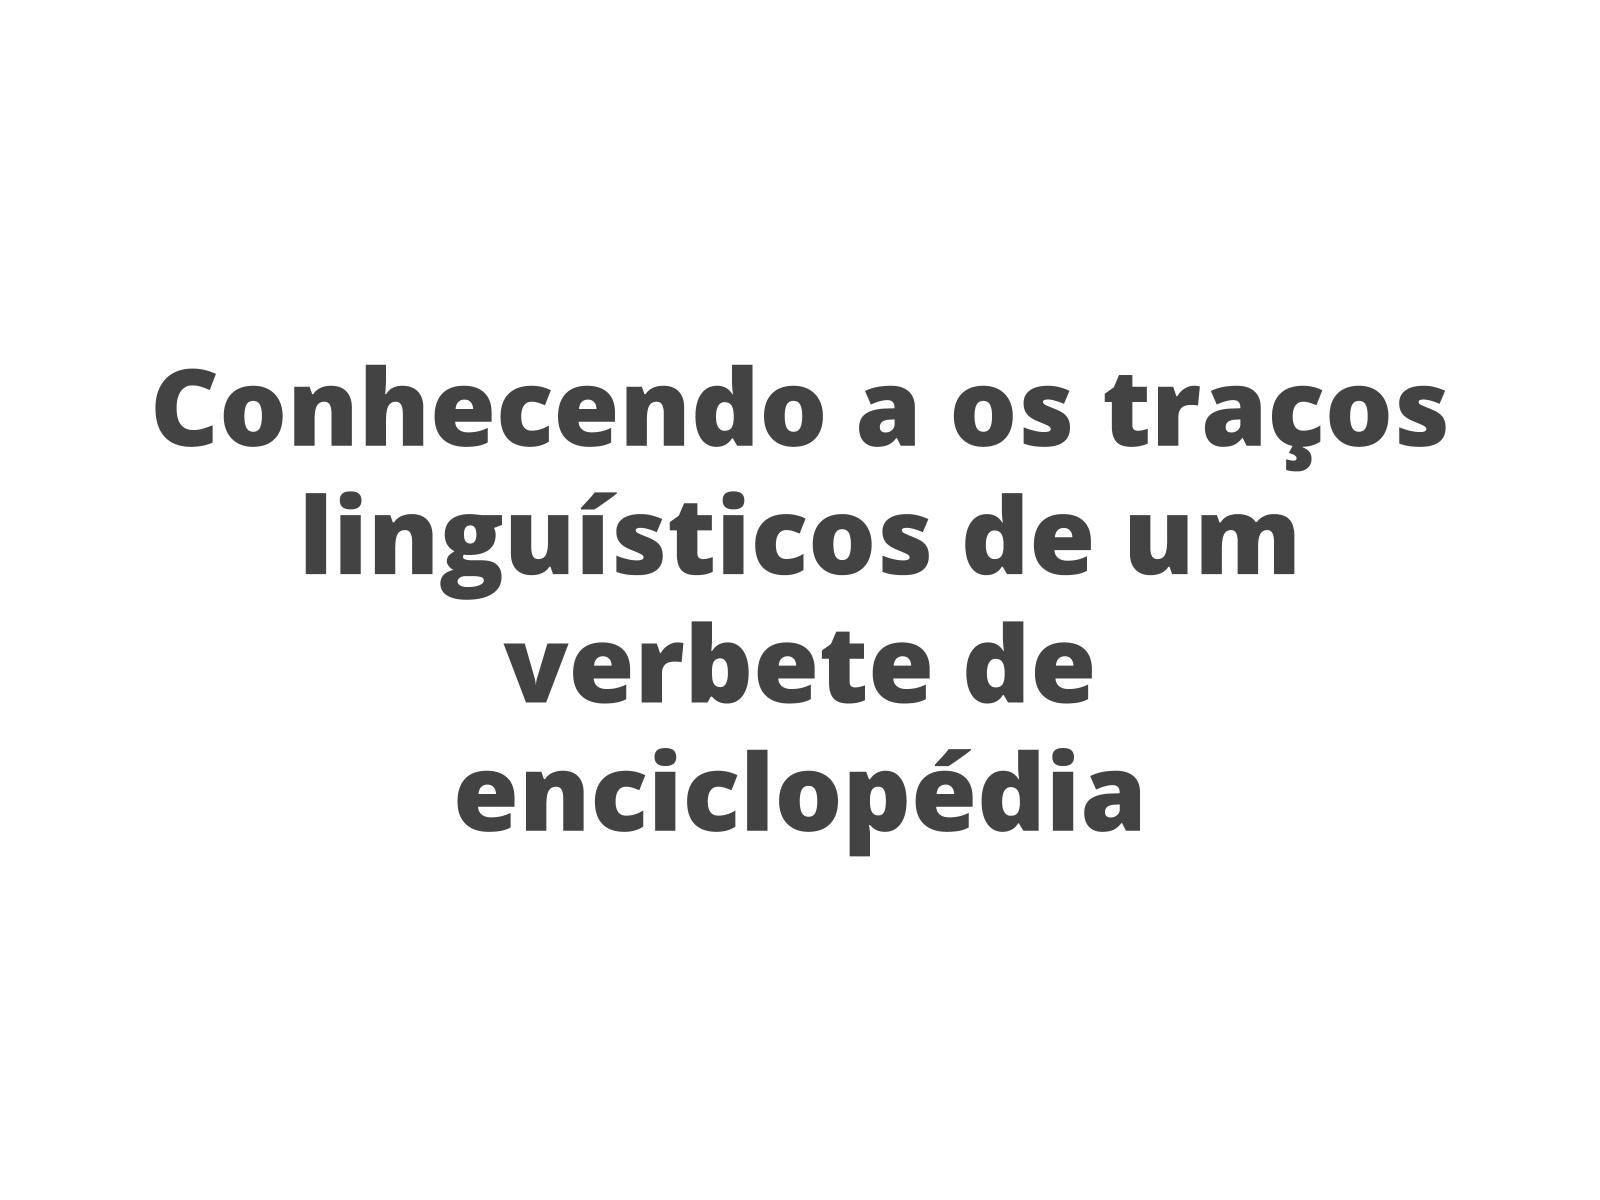 Conhecendo o verbete enciclopédico em detalhes: Traços linguísticos